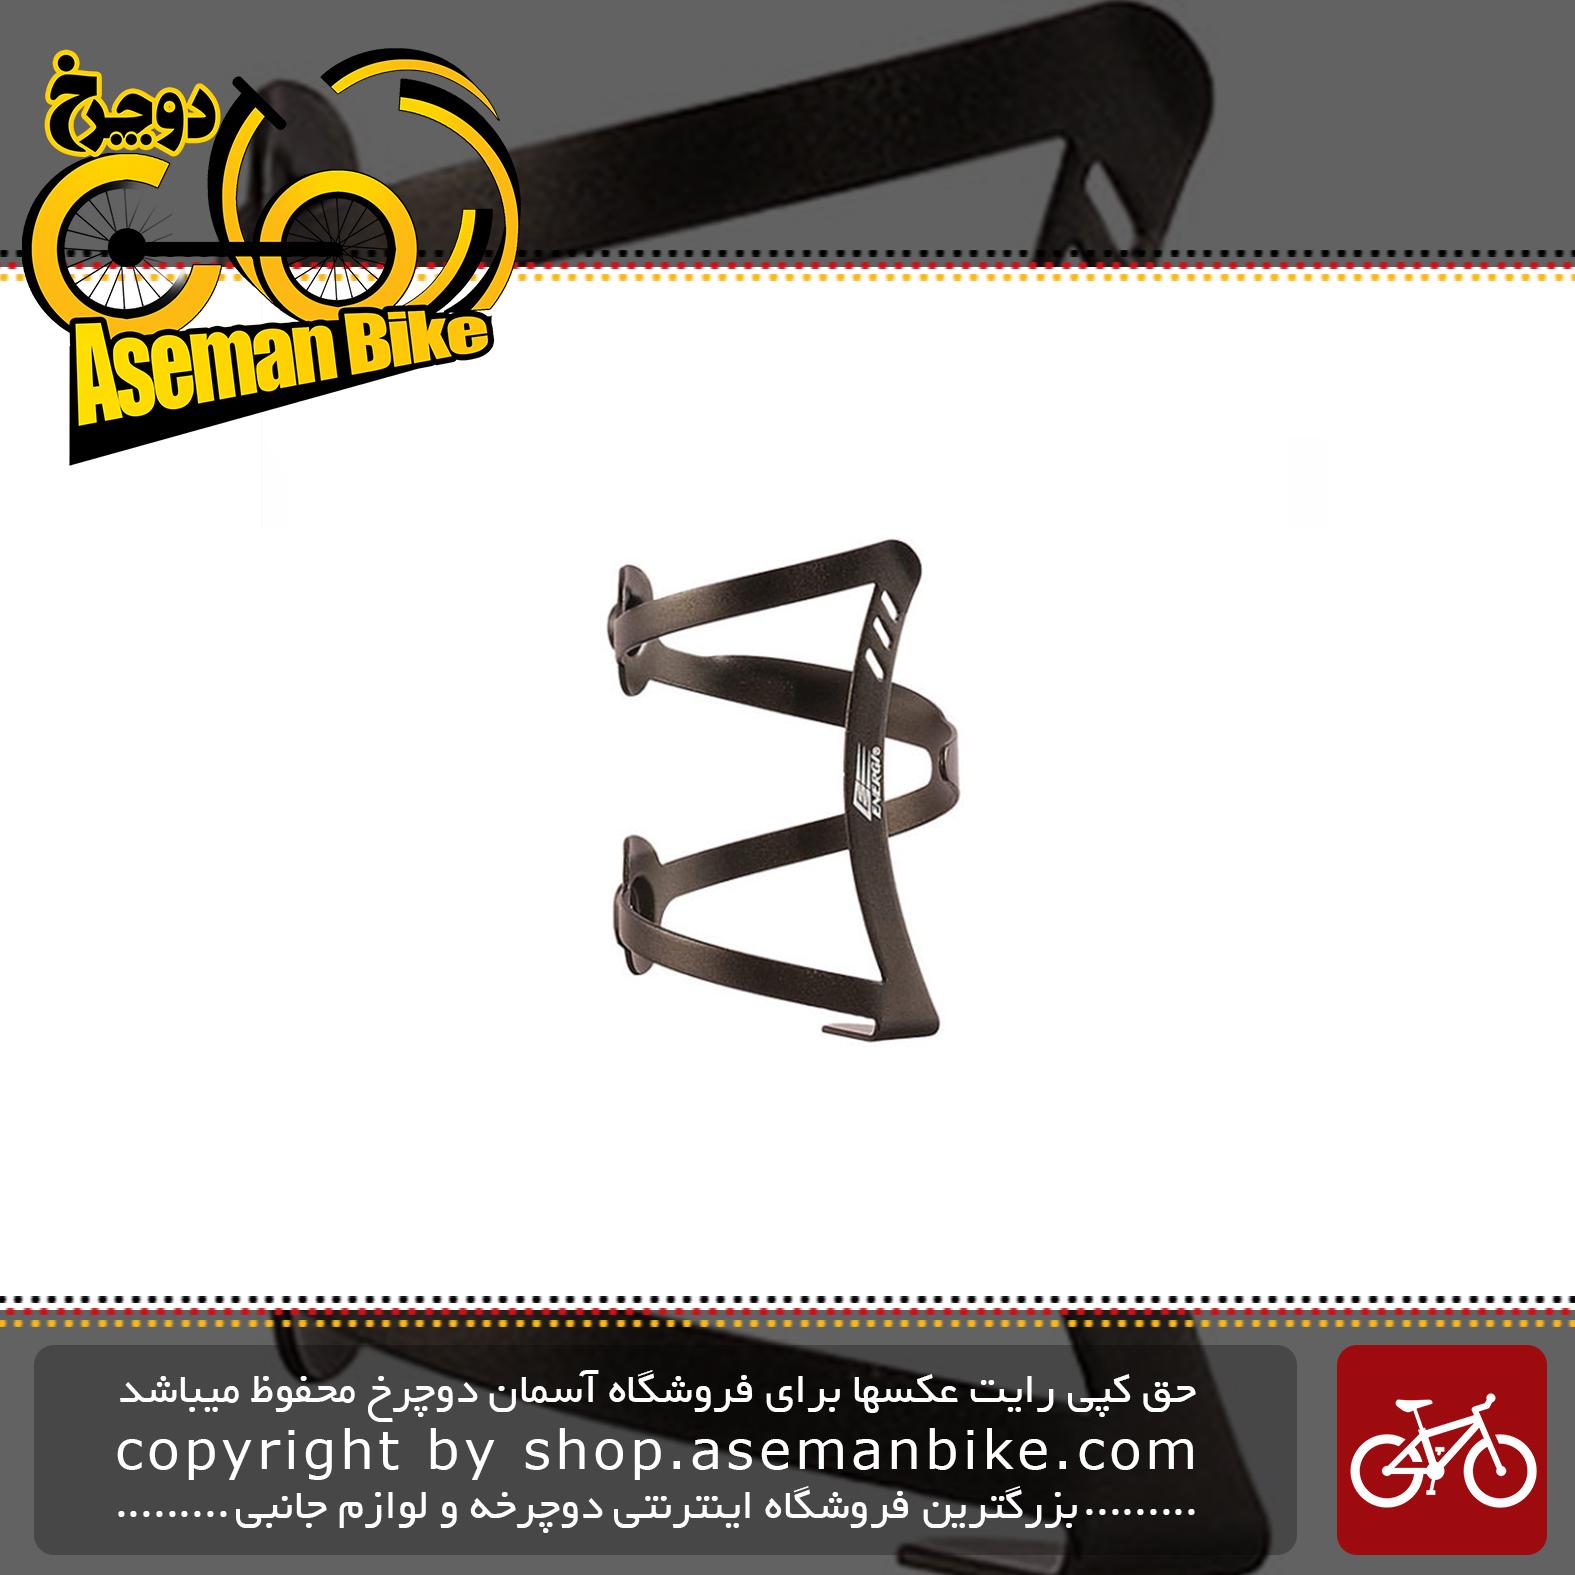 جا قمقمه دوچرخه انرژی مدل سی ال -083 Bottle Cage CL-083